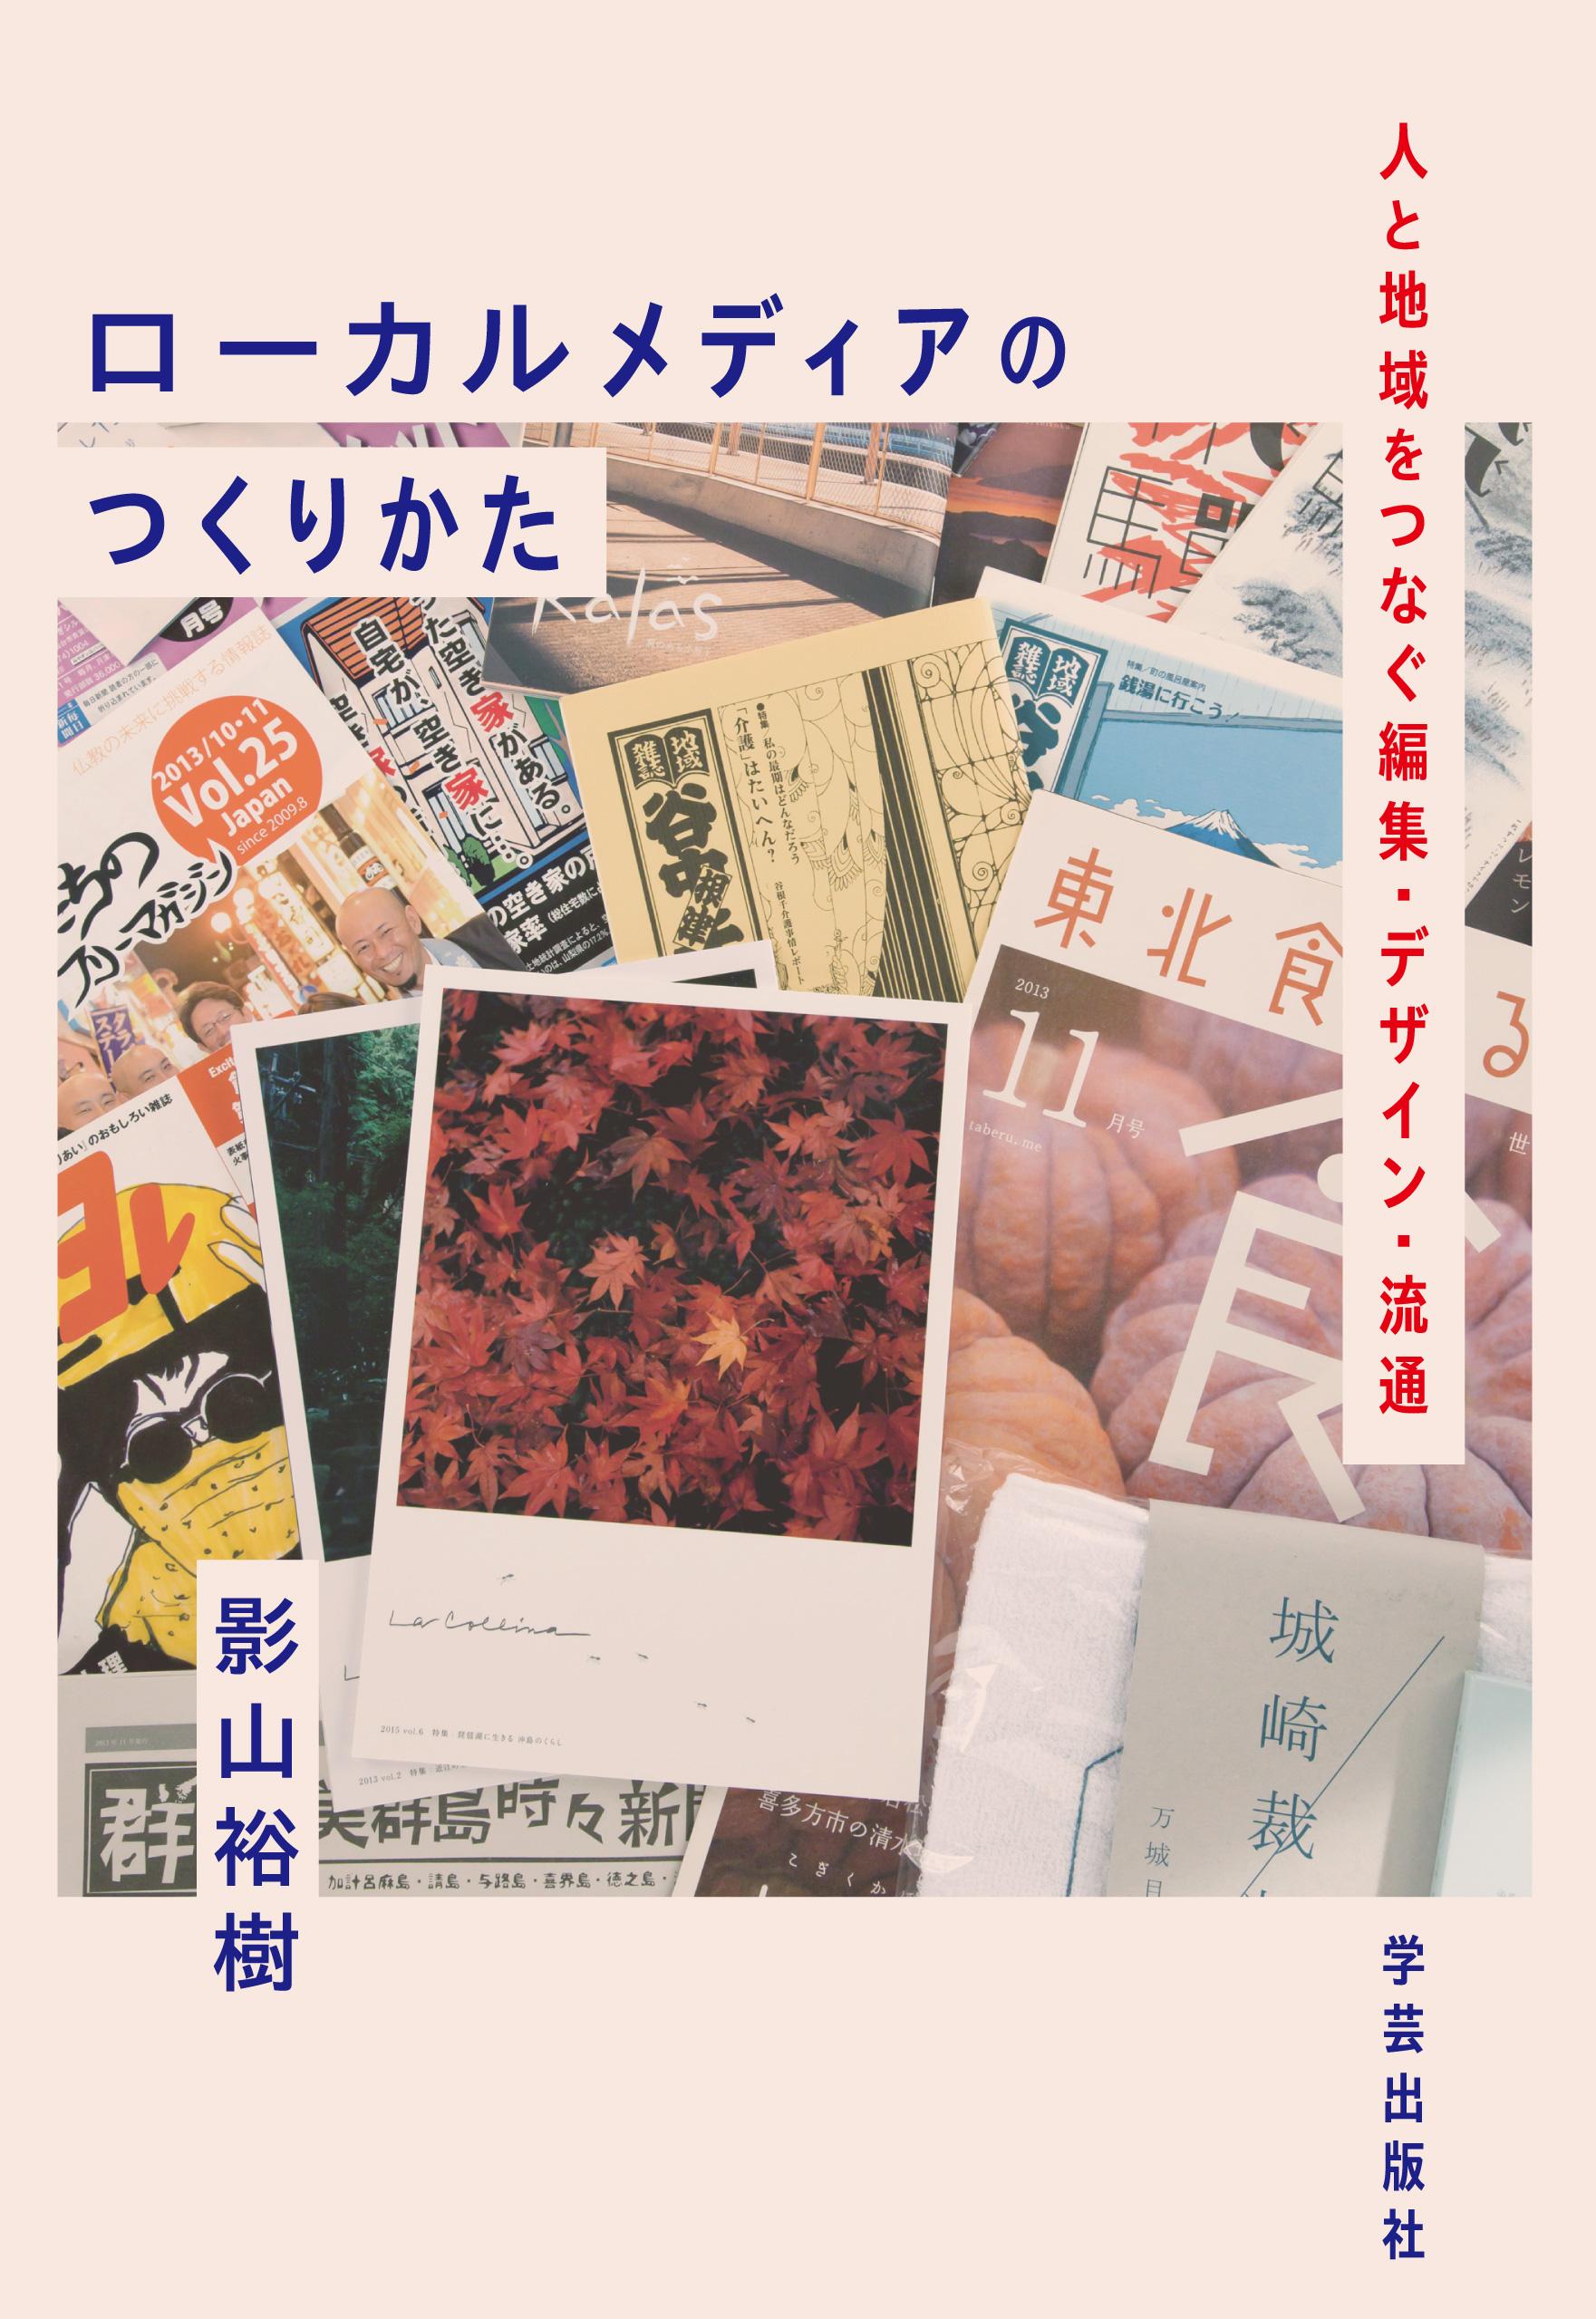 影山氏による著書『ローカルメディアのつくりかた 人と地域をつなぐ編集・デザイン・流通』(学芸出版社、2016年)